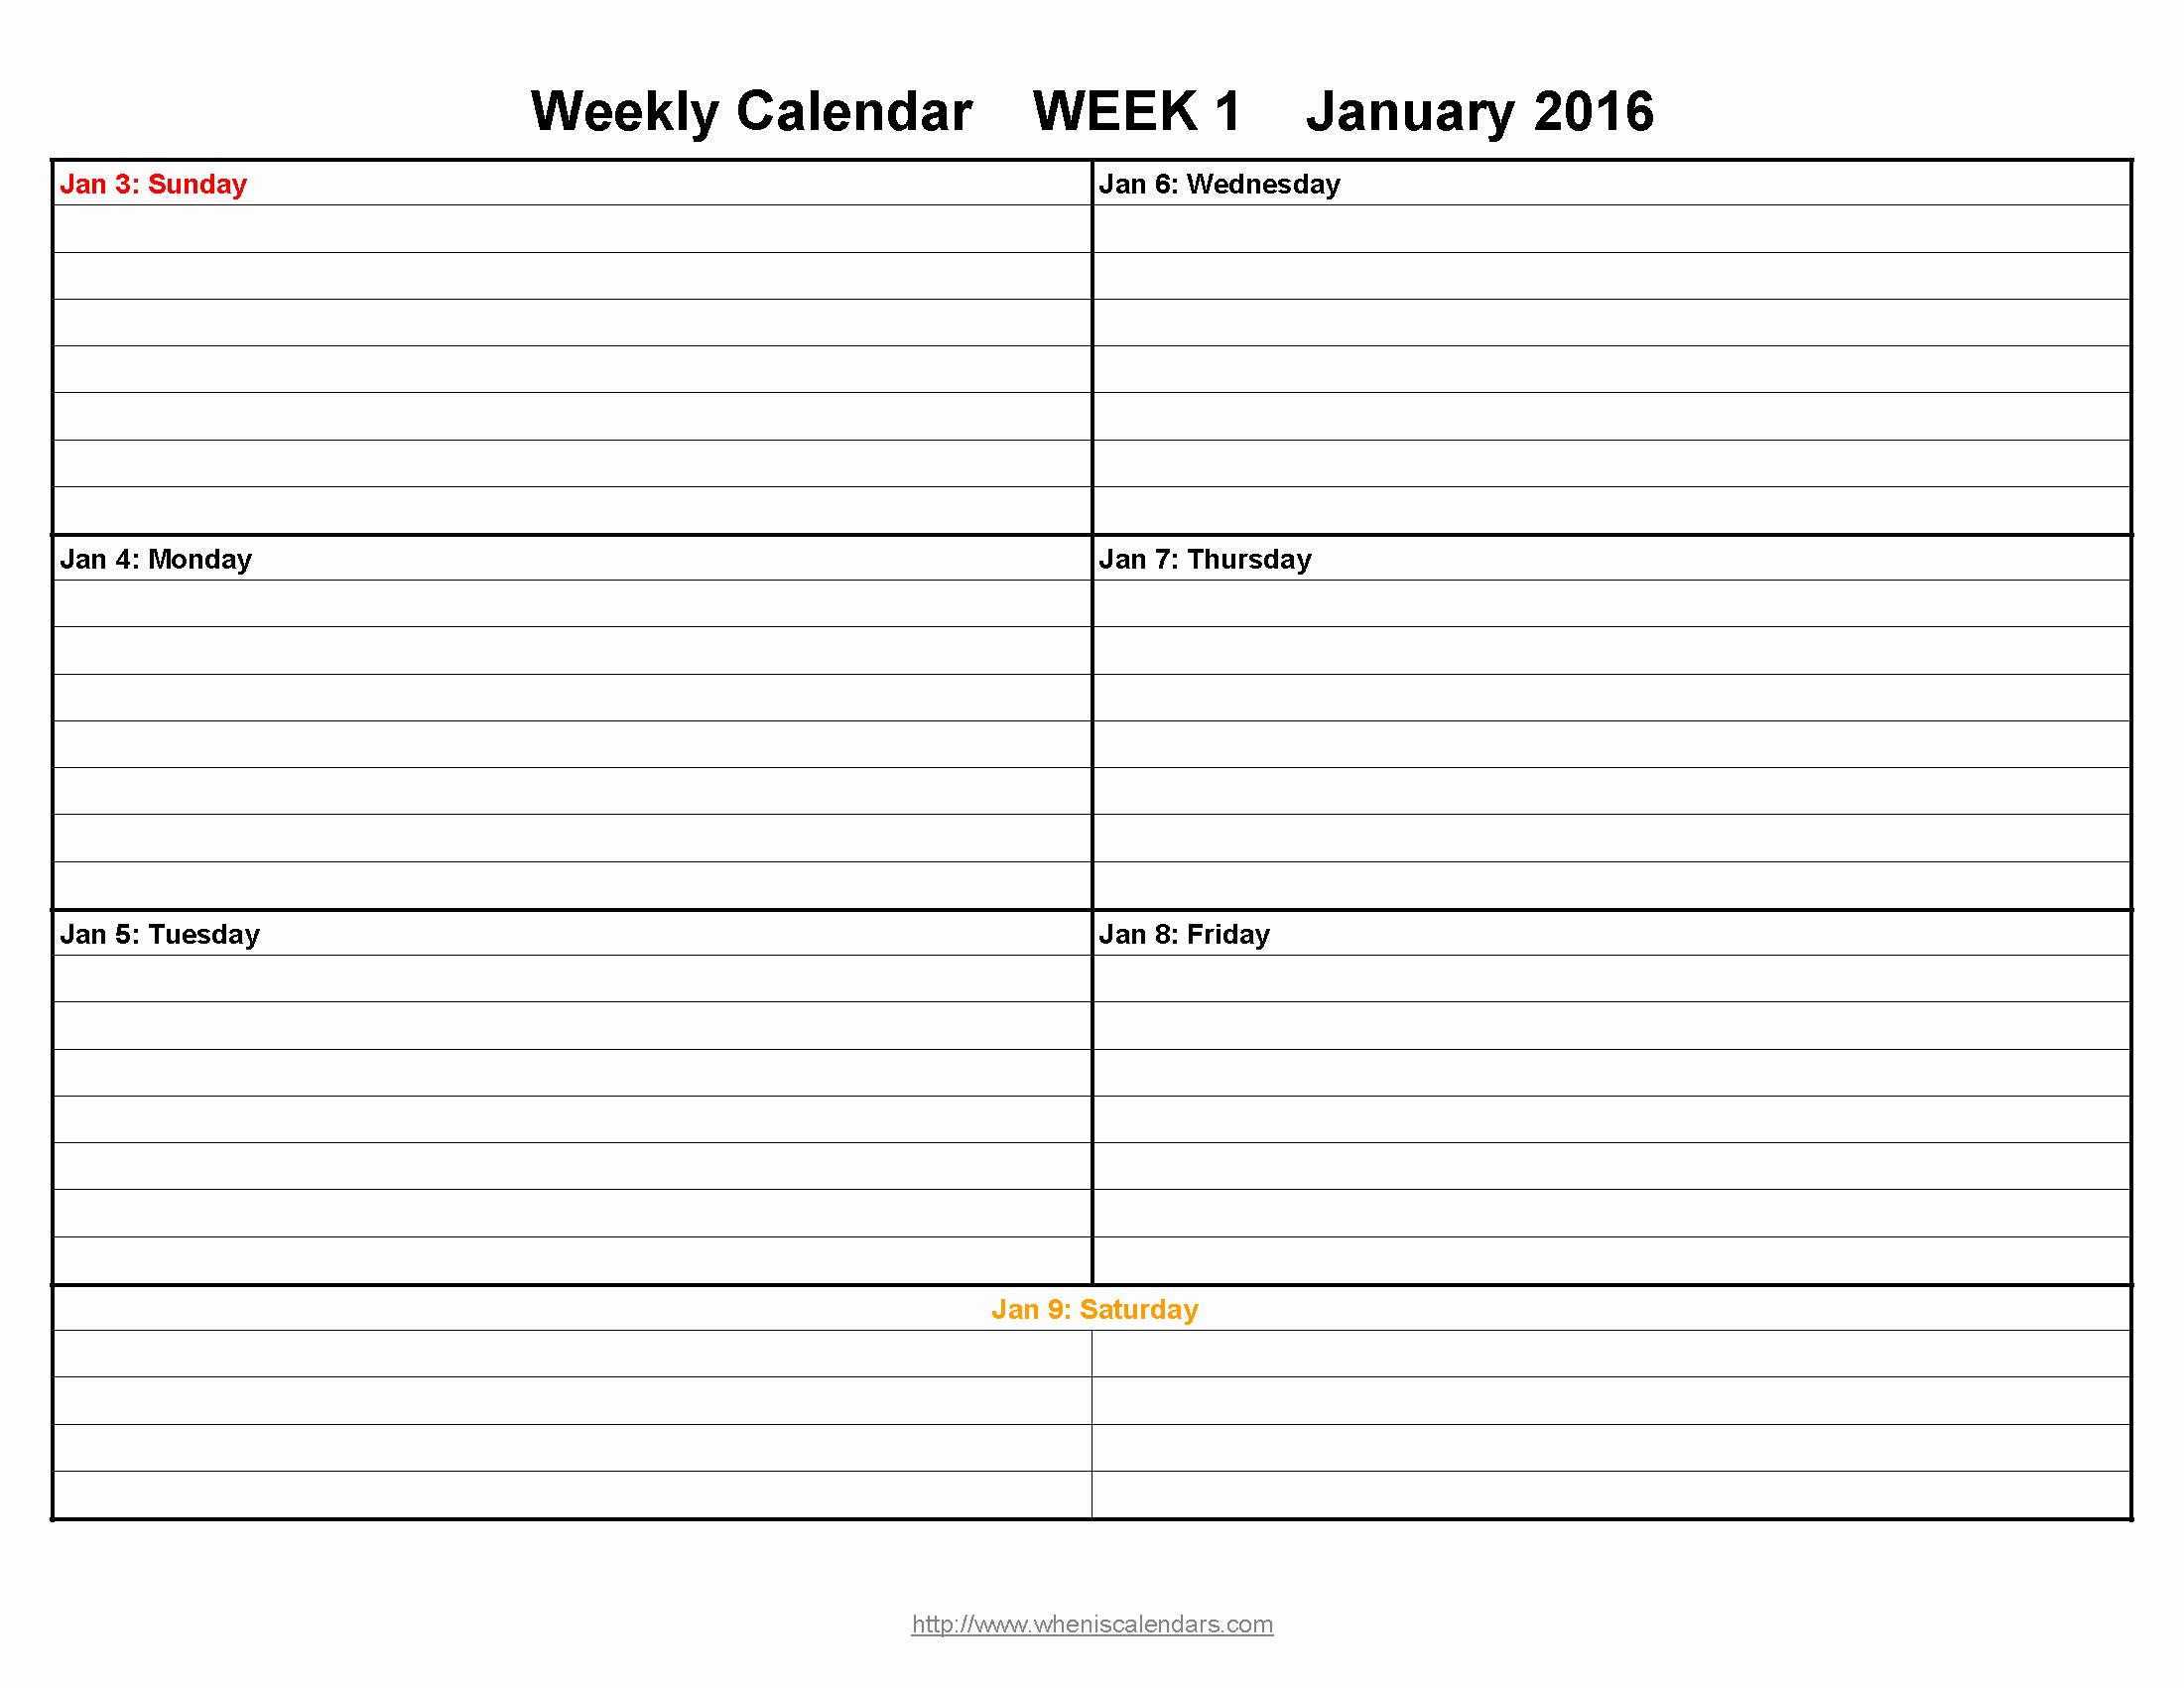 Week by Week Calendar Template Lovely Week Printable Calendar Template Sample